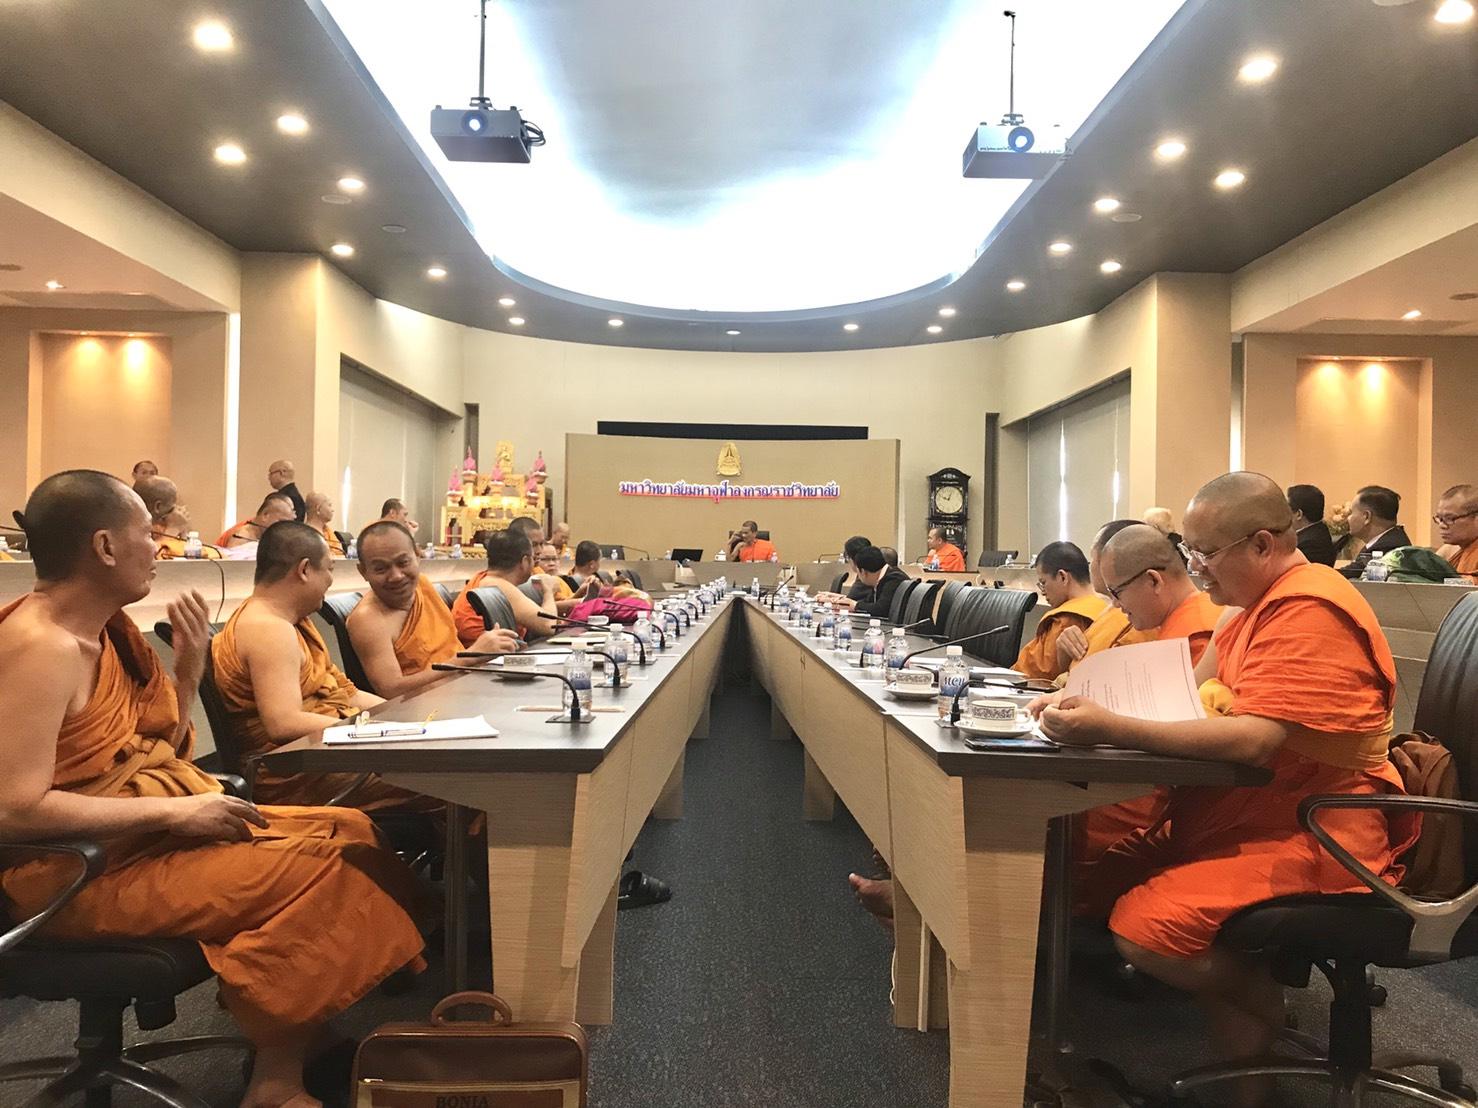 การประชุมเพื่อจัดทำรายงานการประเมินผลการควบคุมภายในระดับหน่วยงานของรัฐ